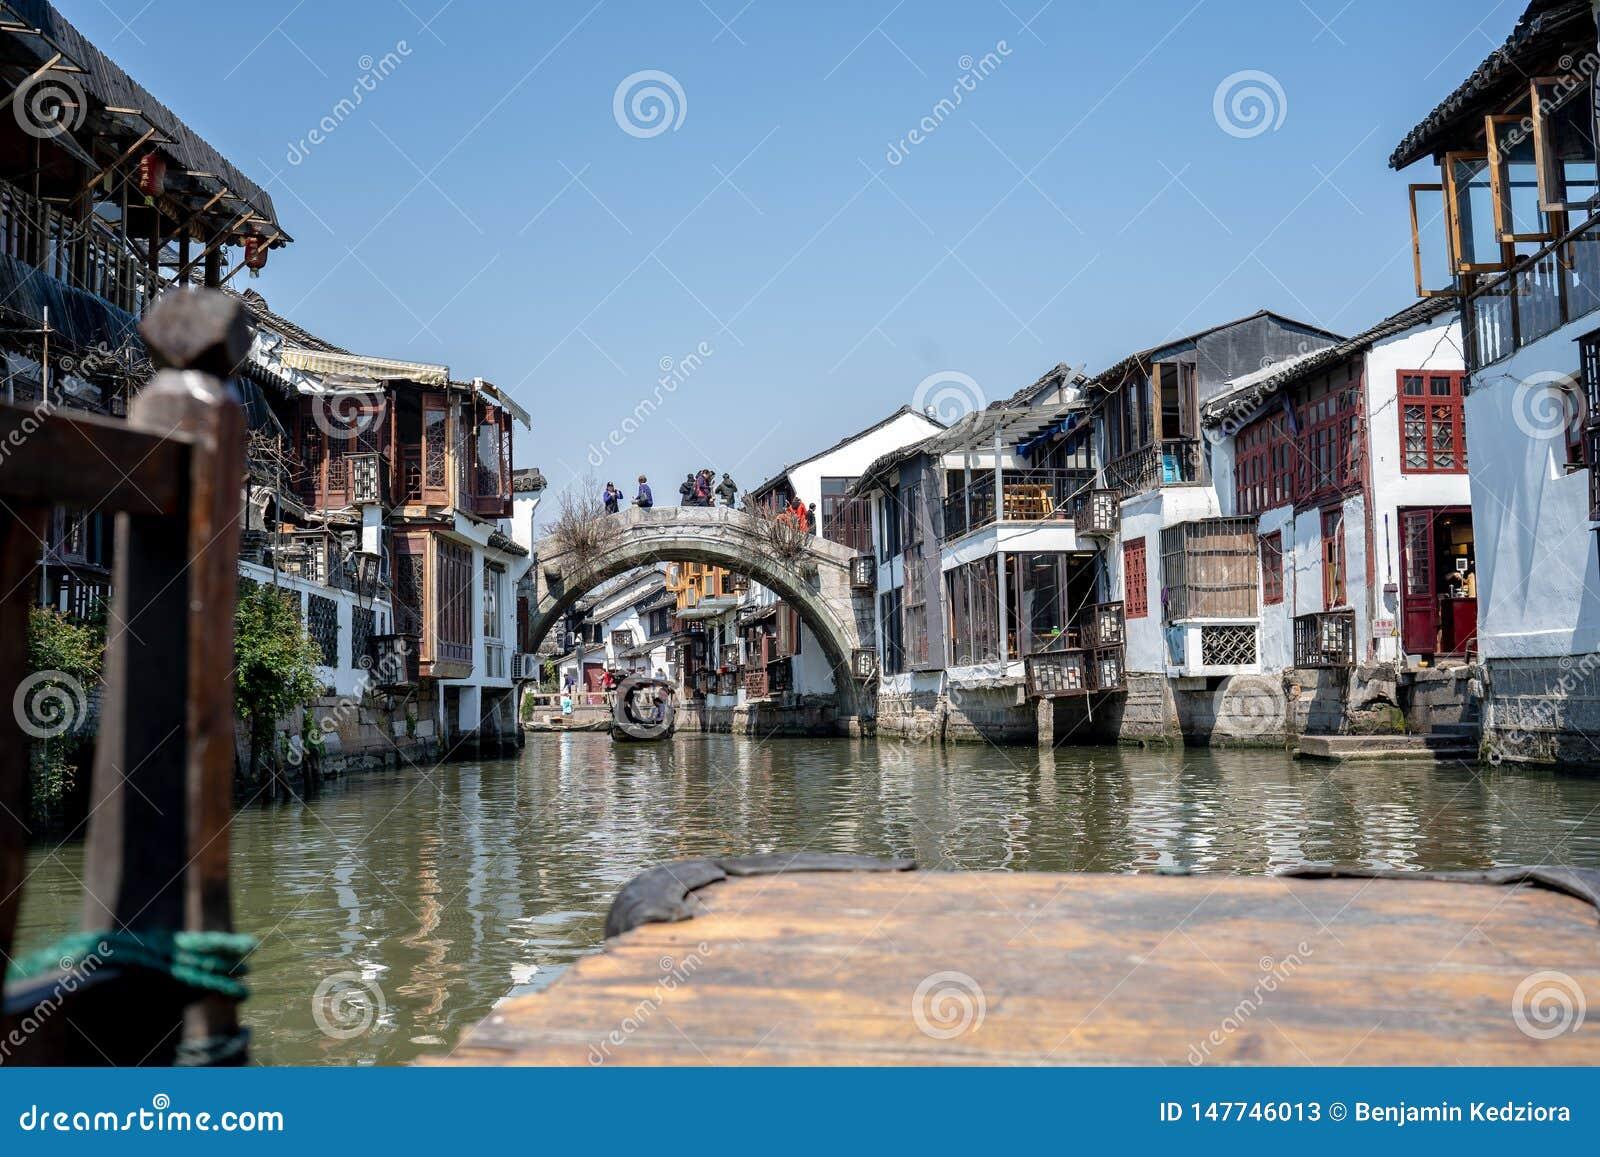 Prachtige het Waterstad van Weergevenzhouzhuang in een oude Boot